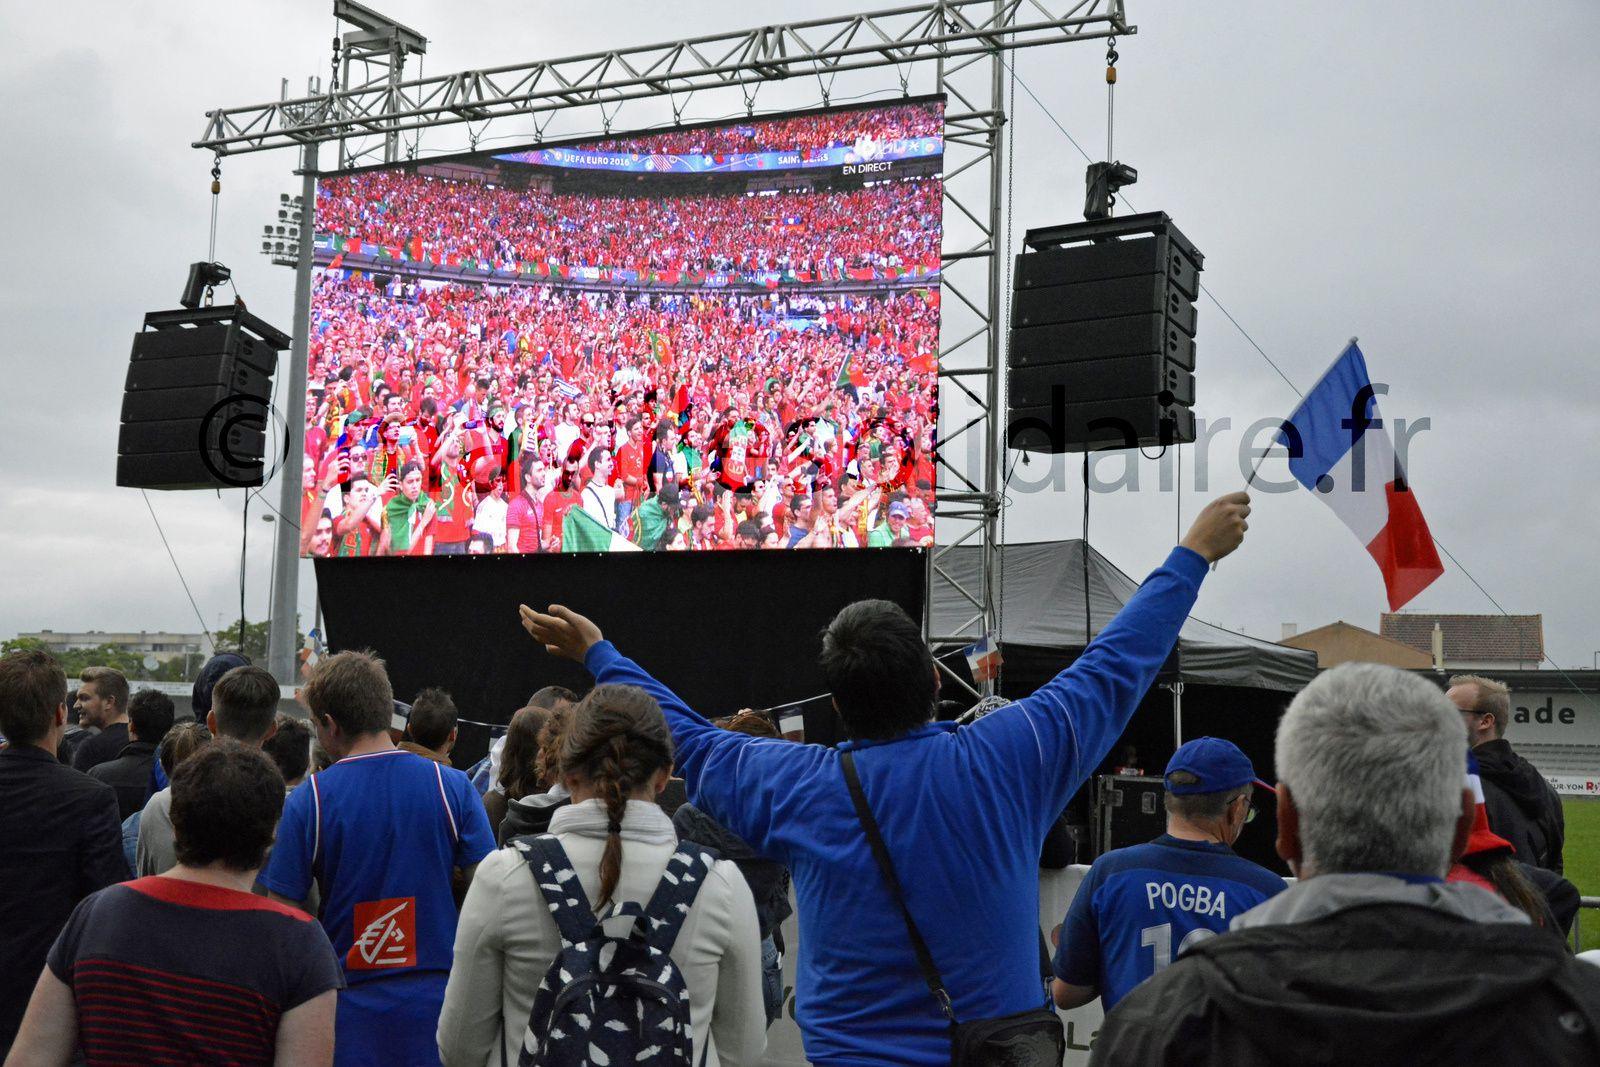 La Roche-sur-Yon. 5000 spectateurs Yonnais à la finale de l'Euro 2016 [images].